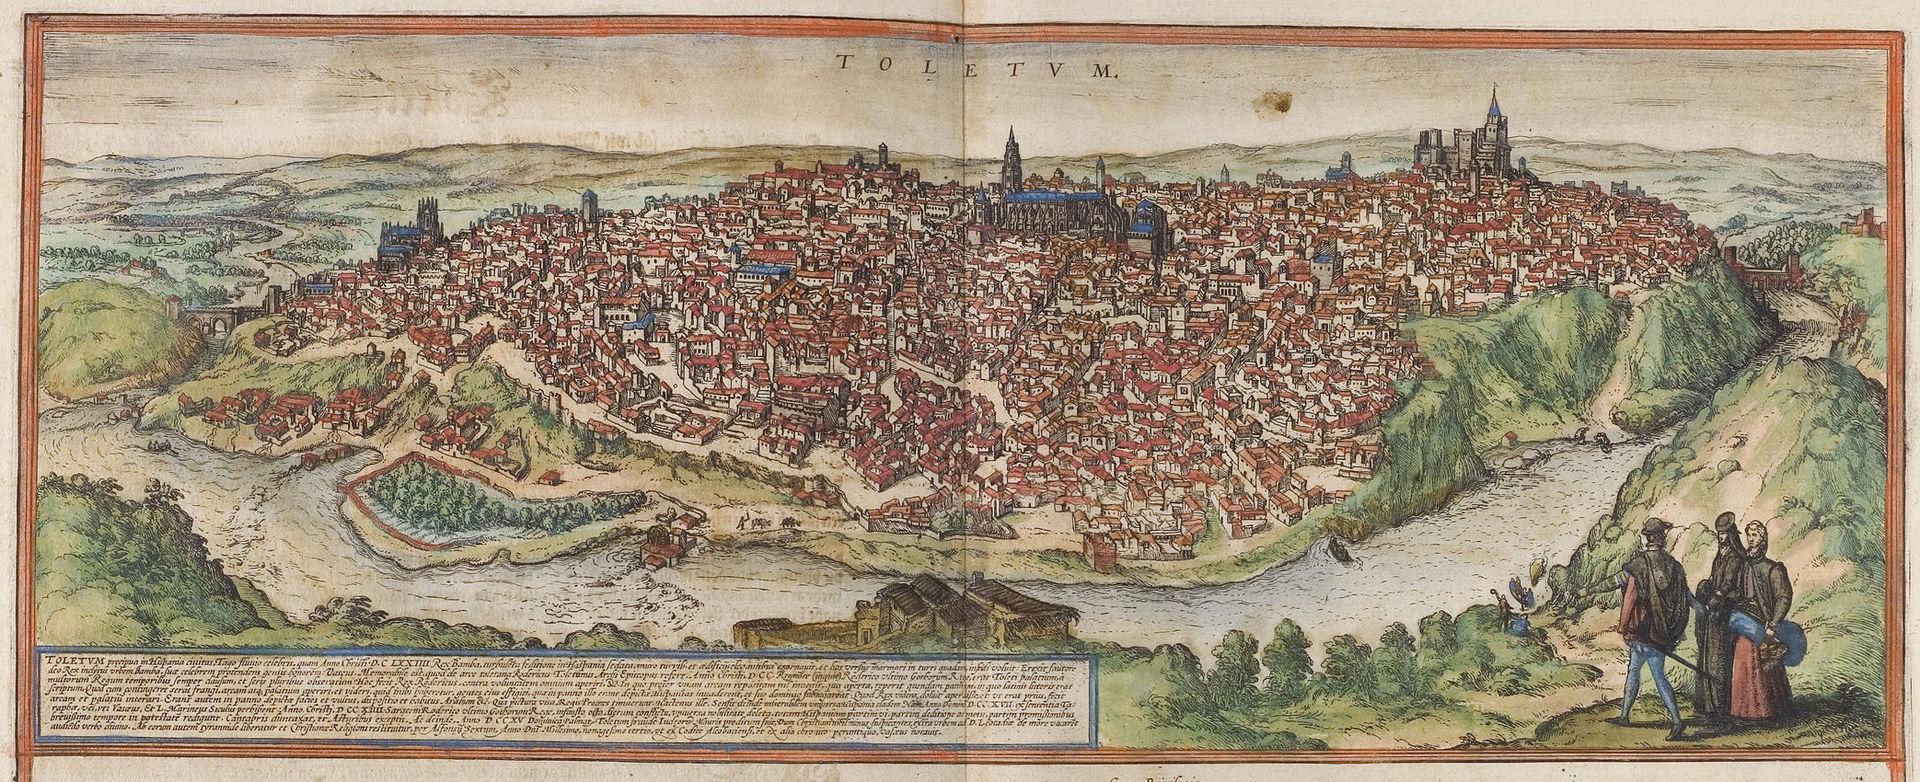 เมืองโทเลโด -ภาพเมืองเก่าสมัยคริตศวรรษที่ 16